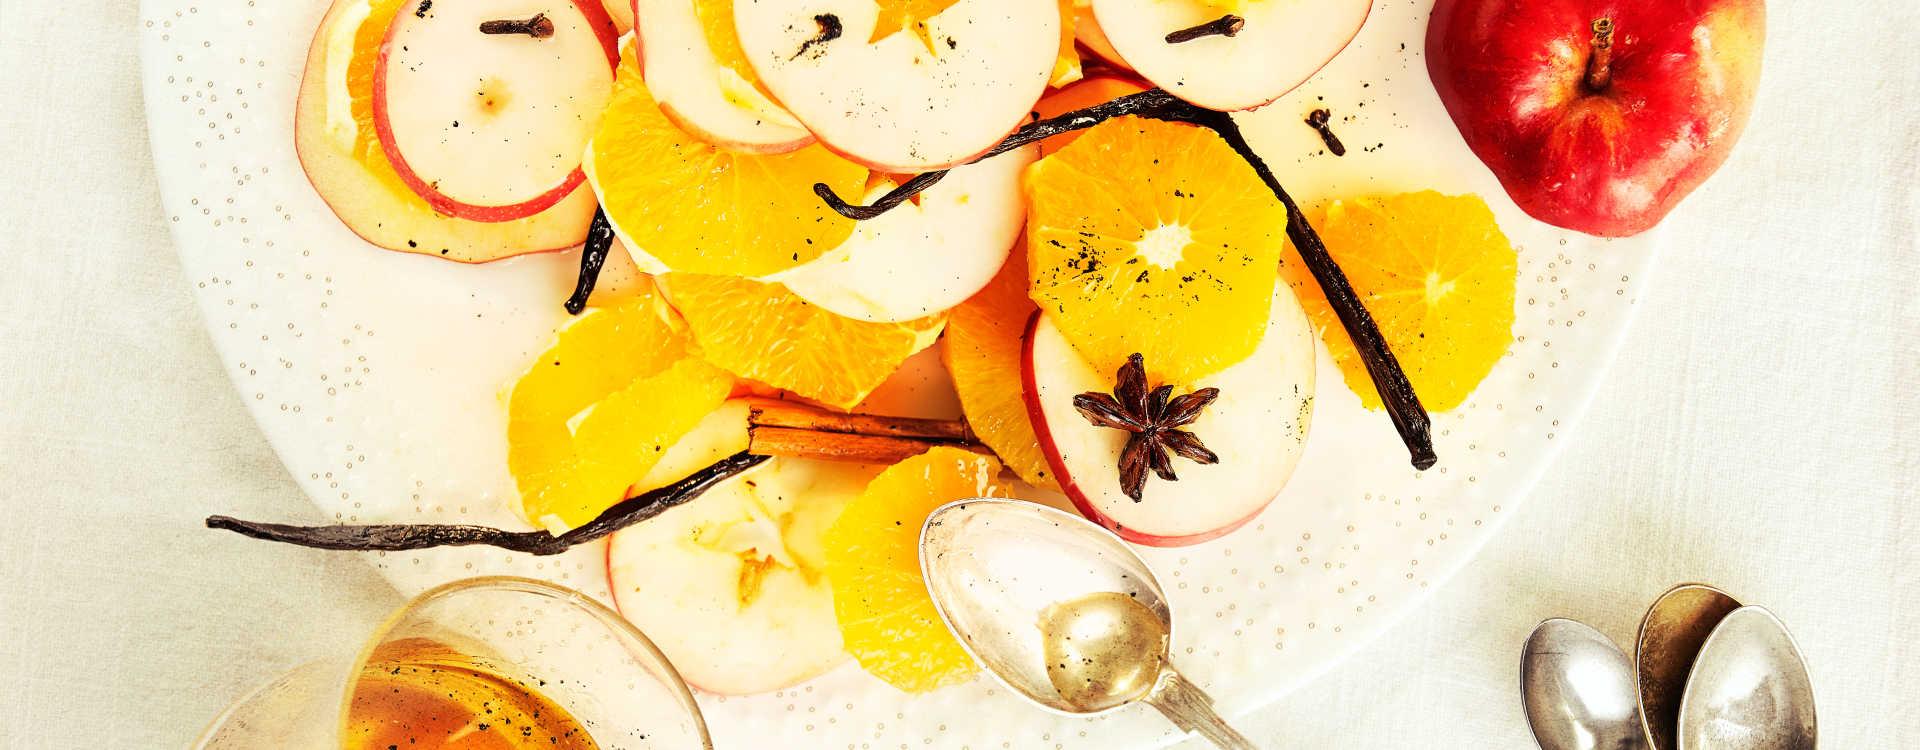 Frisk frukt med julesirup og råkrem